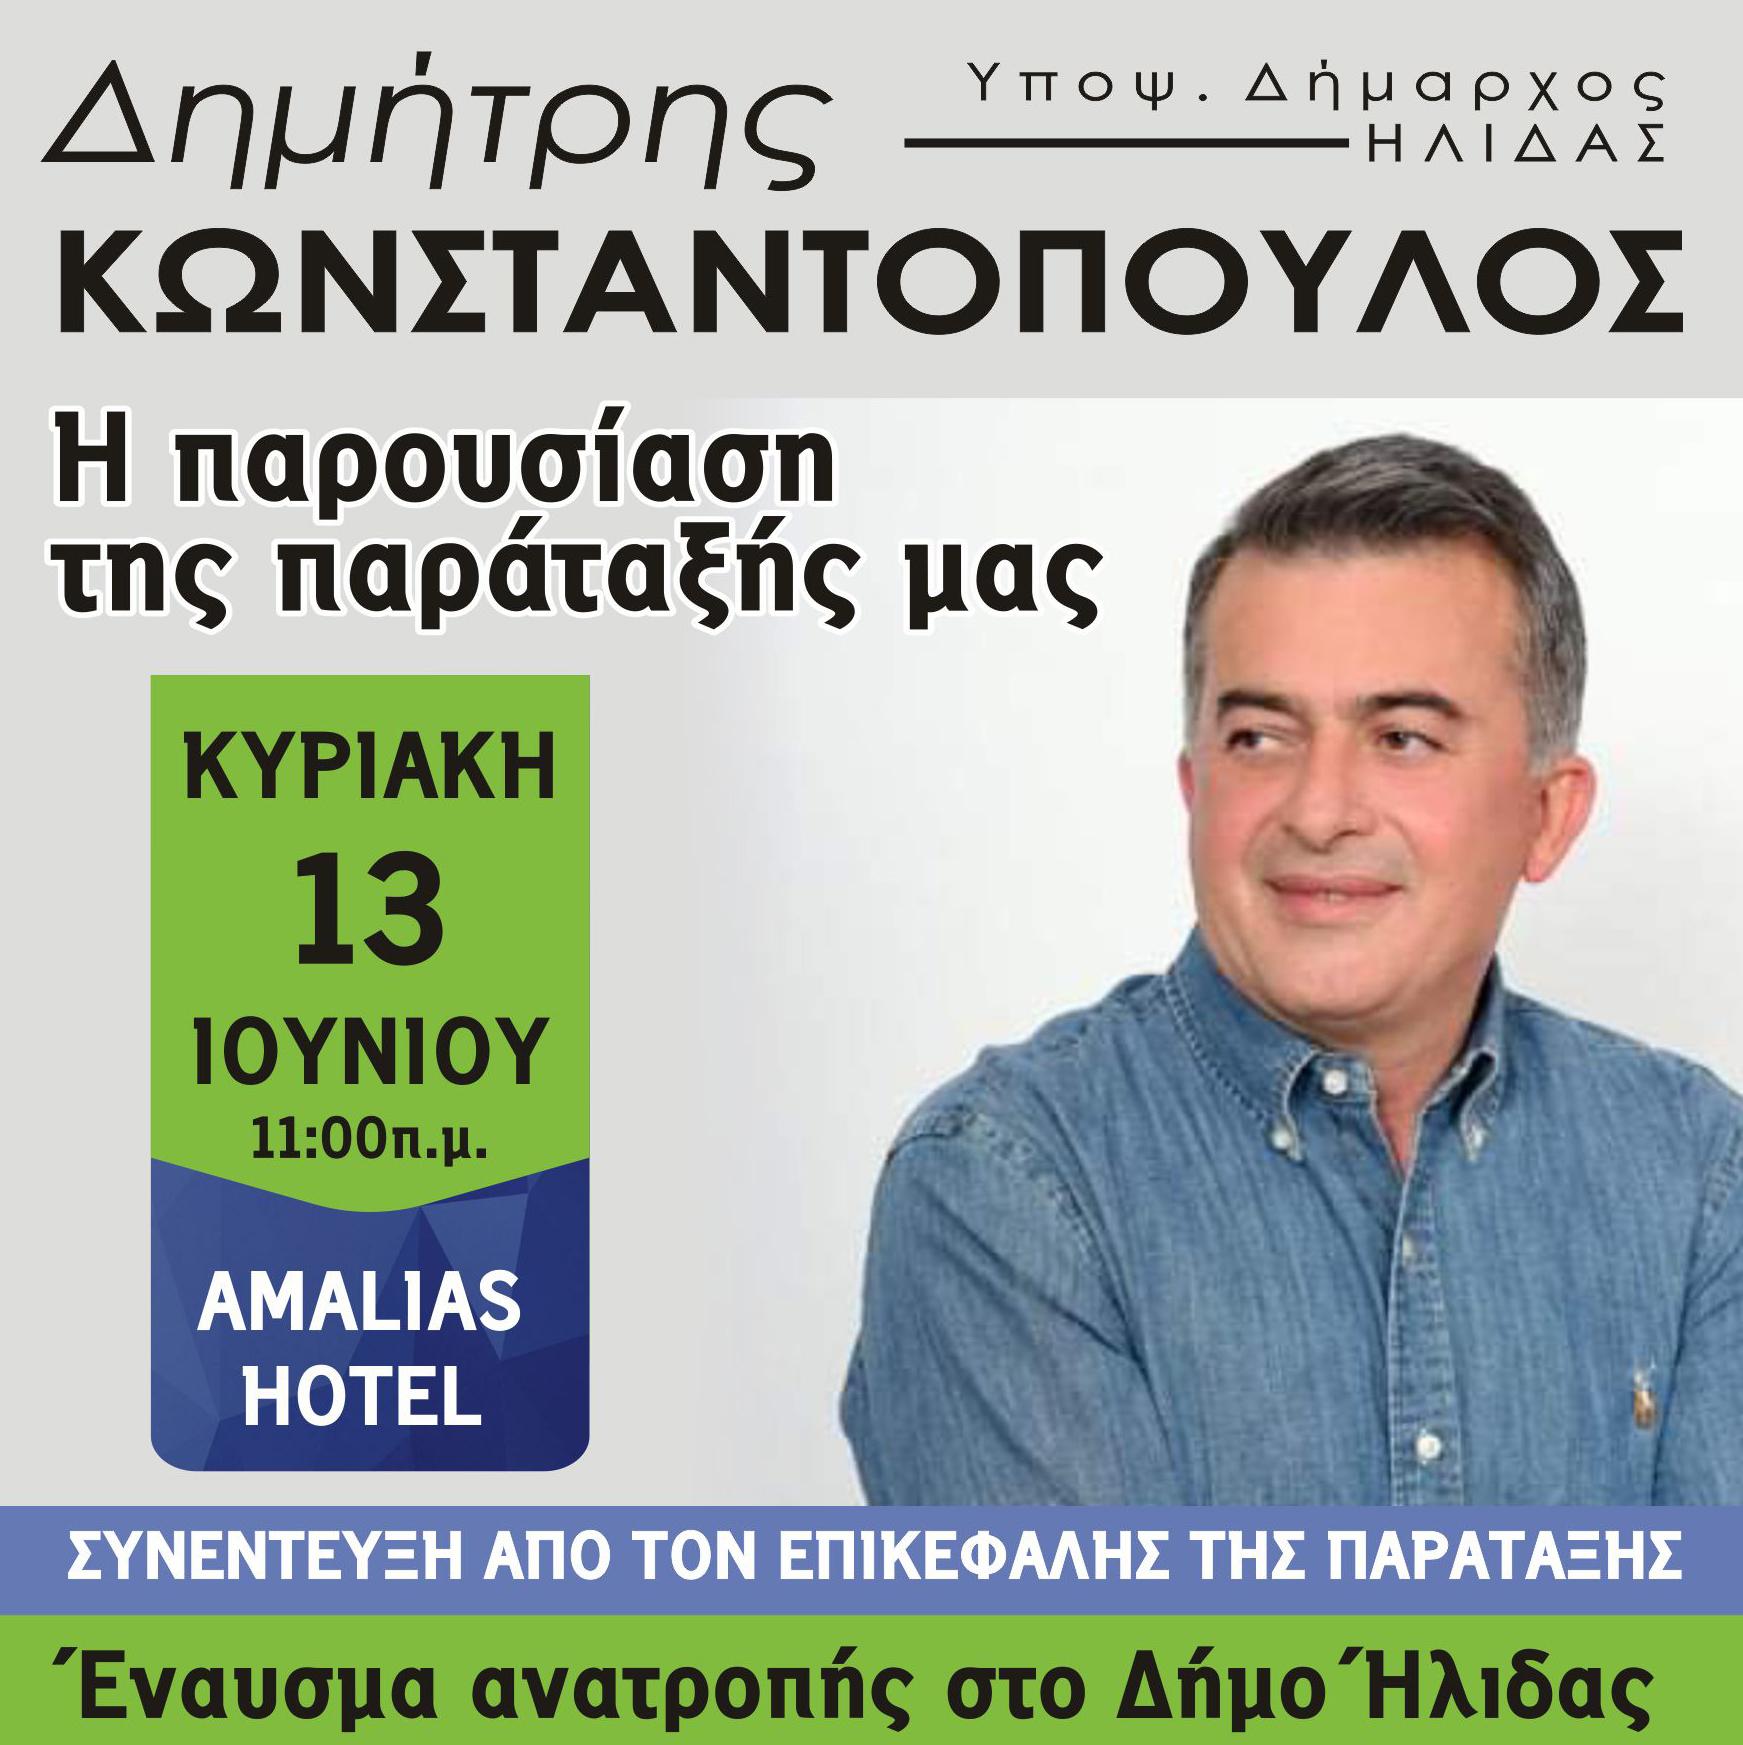 Δημήτρης Κωνσταντόπουλος: Την Κυριακή παρουσιάζει την παράταξή του